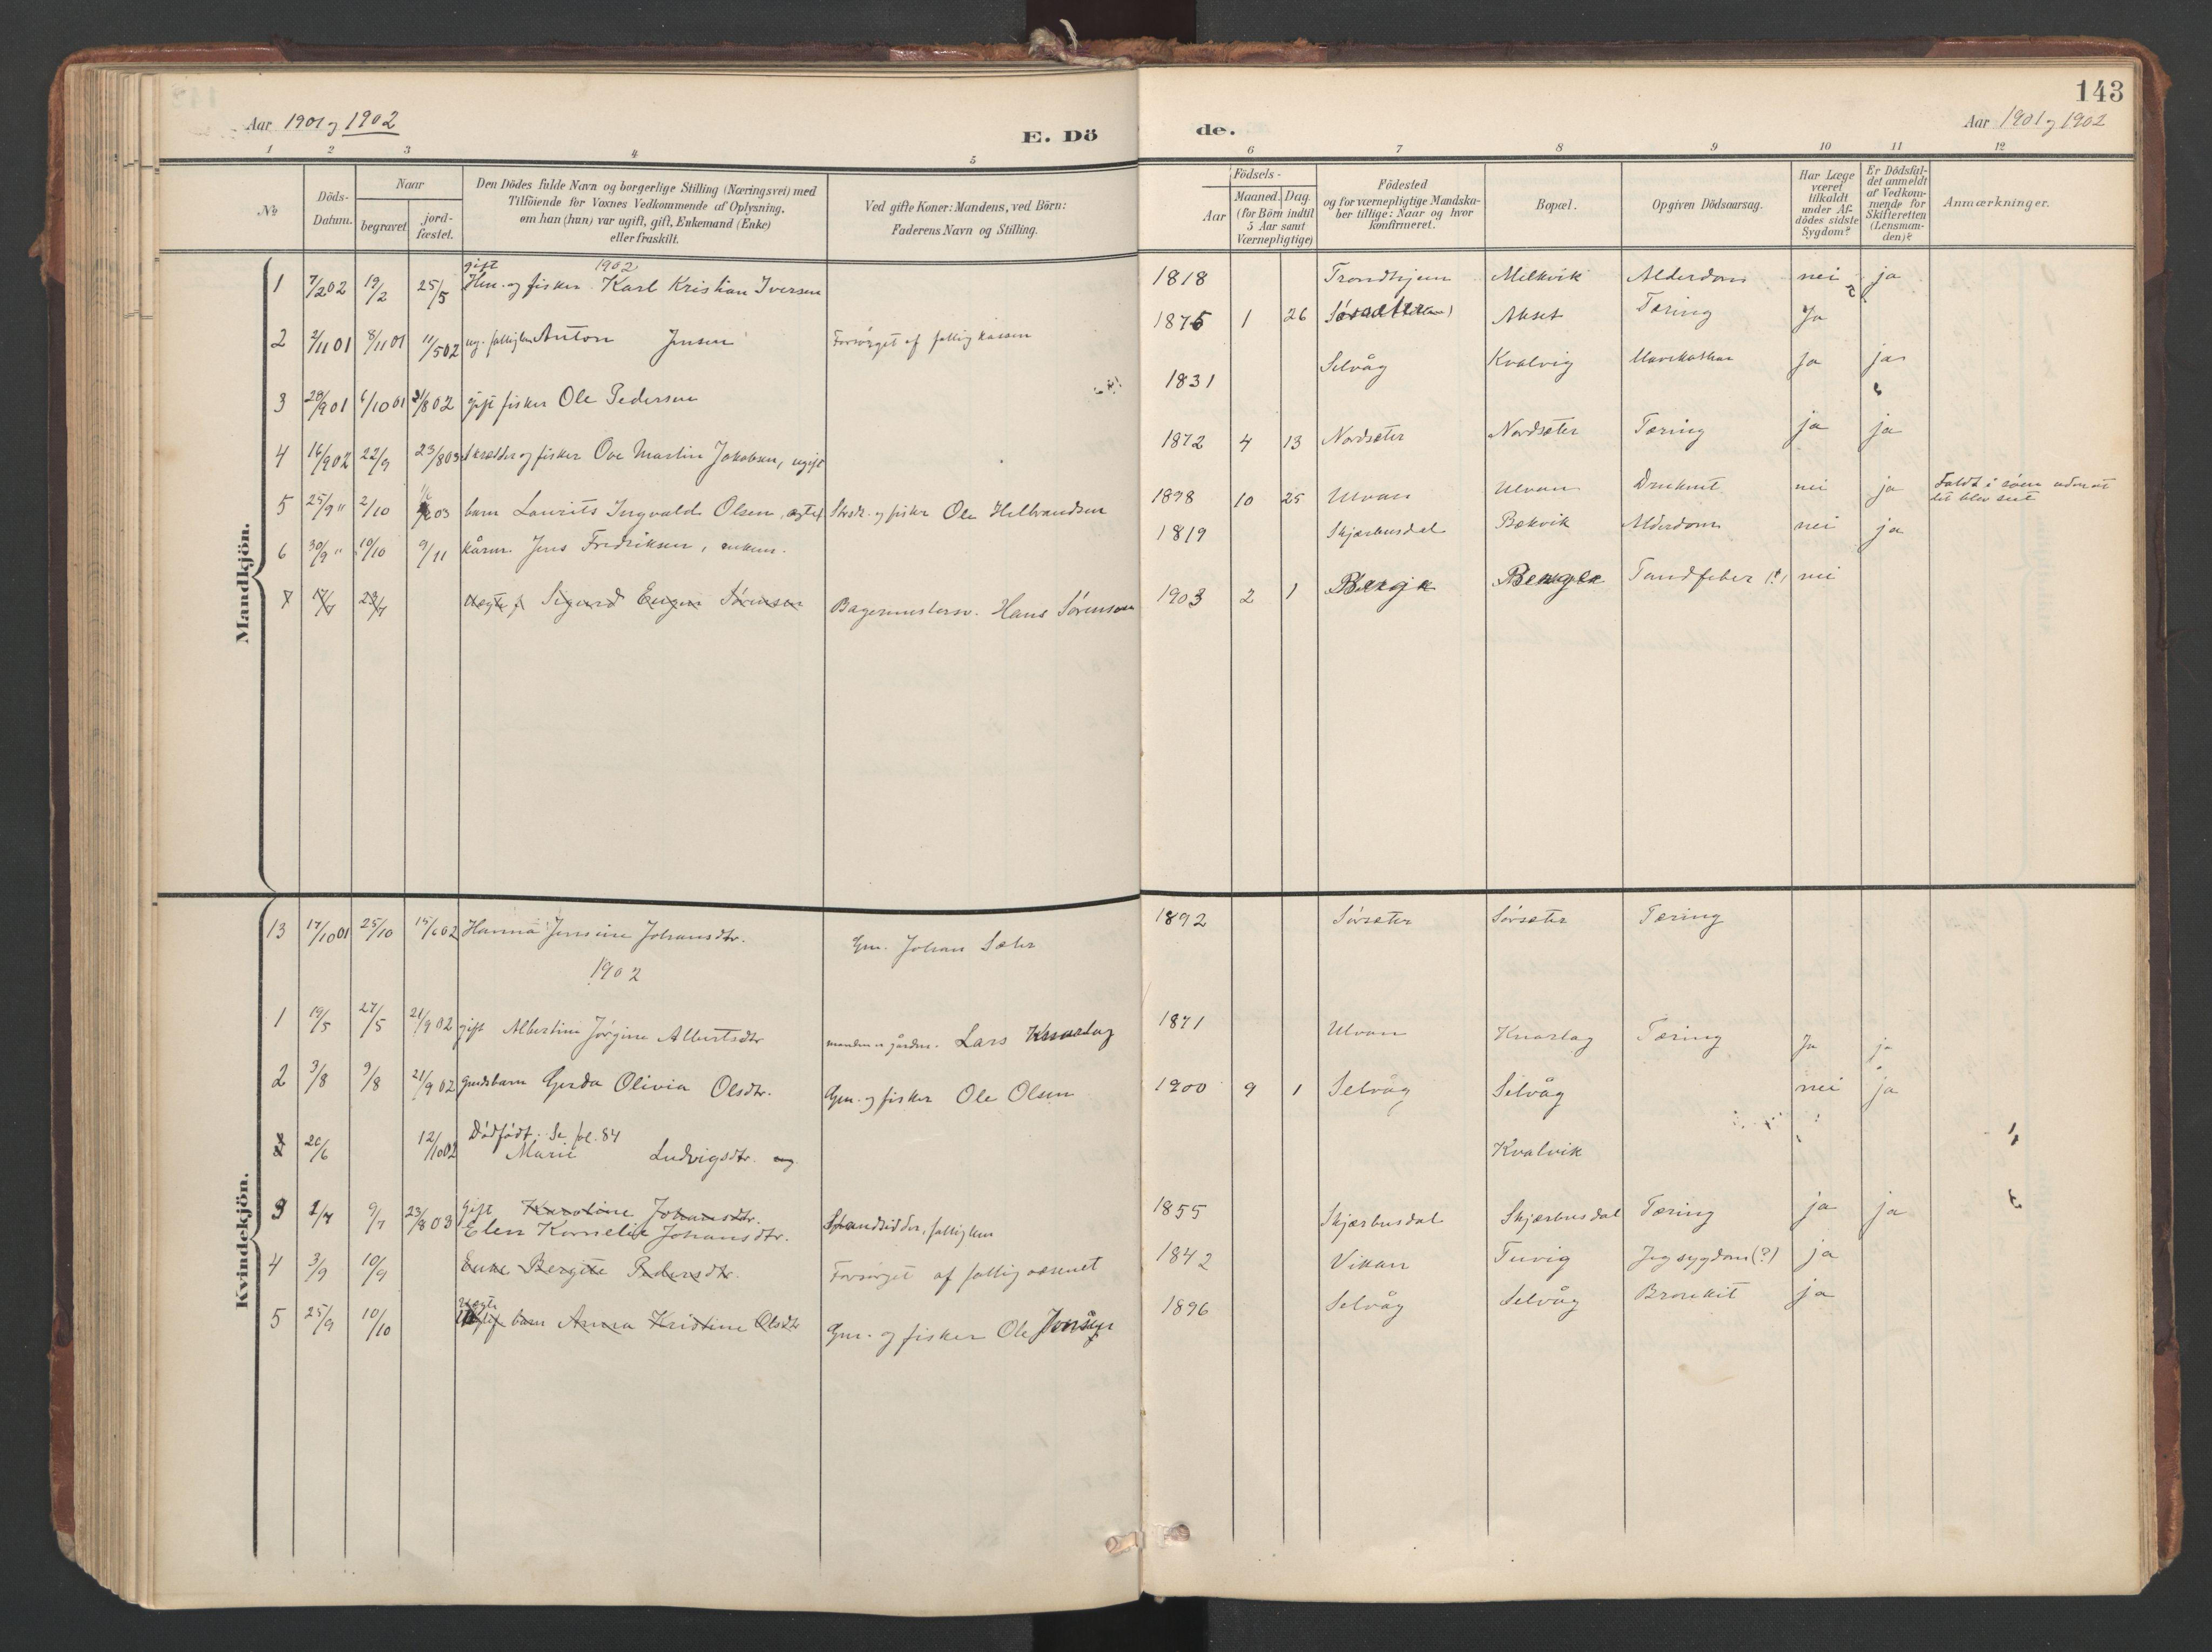 SAT, Ministerialprotokoller, klokkerbøker og fødselsregistre - Sør-Trøndelag, 638/L0568: Ministerialbok nr. 638A01, 1901-1916, s. 143